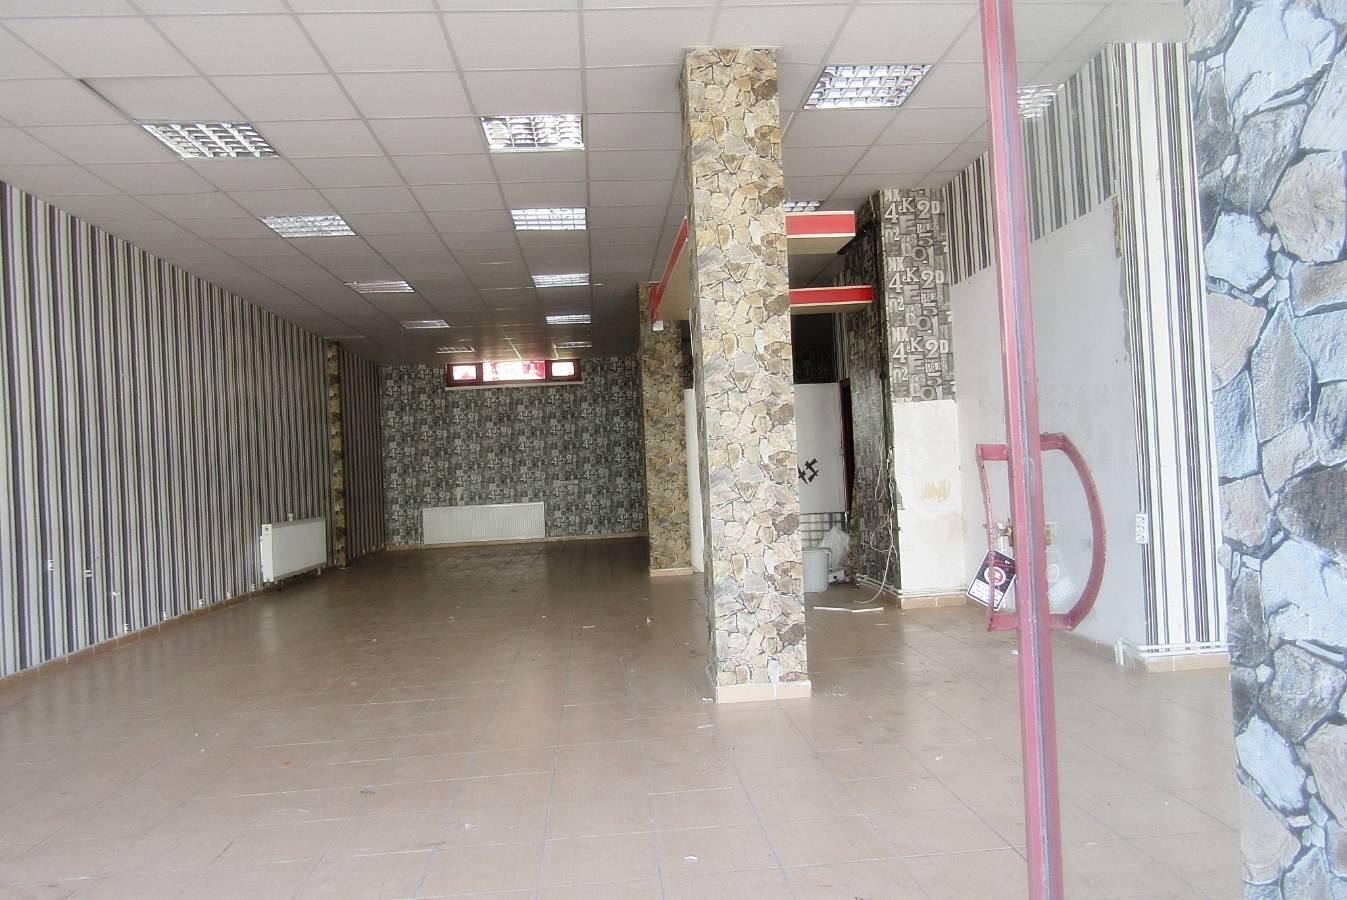 SR EMLAK'DAN TOPÇU MAH'DE 120m² CADDE ÜZERİ YAPILI HEM SATILIK HEM SATILIK DÜKKAN